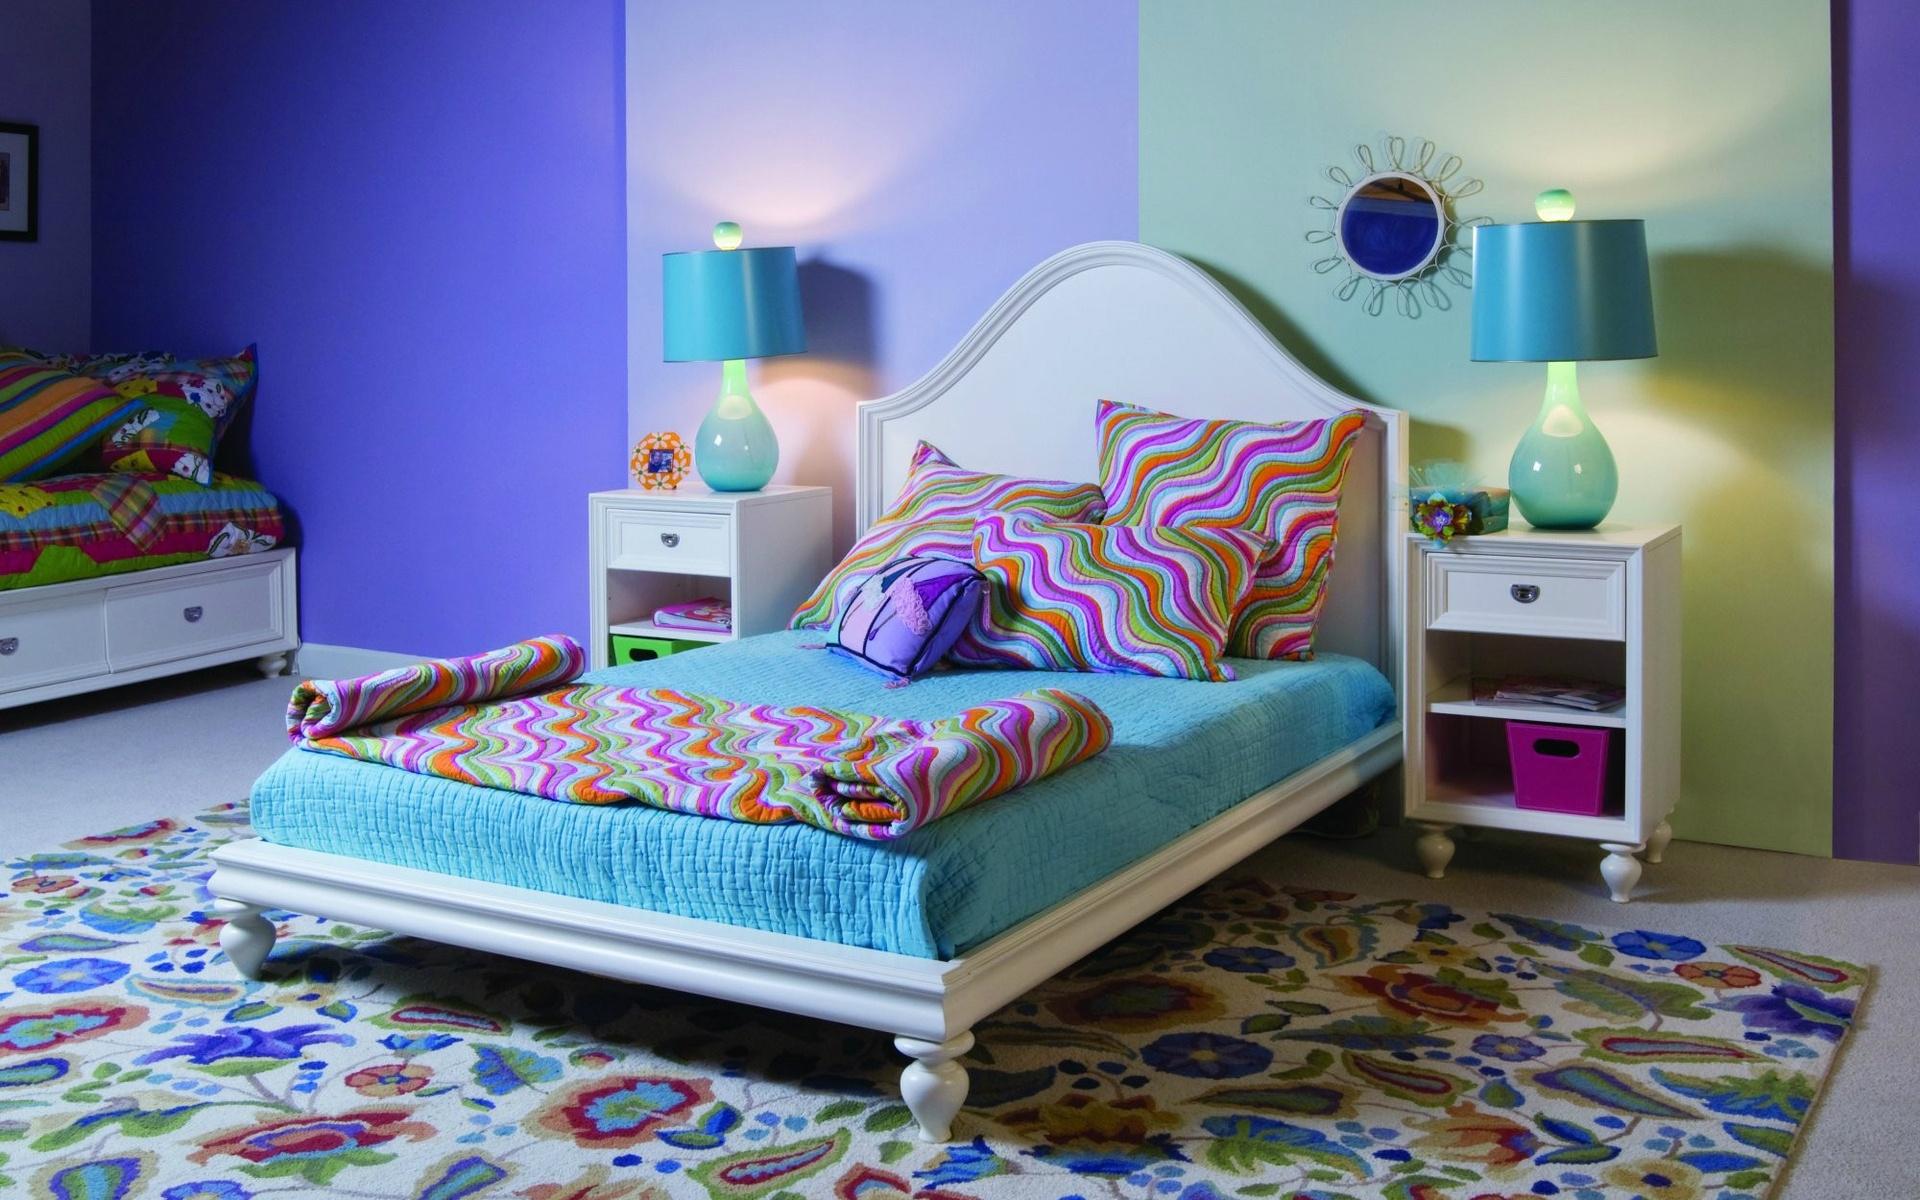 Интерьер ковры кровать  № 3537301 без смс